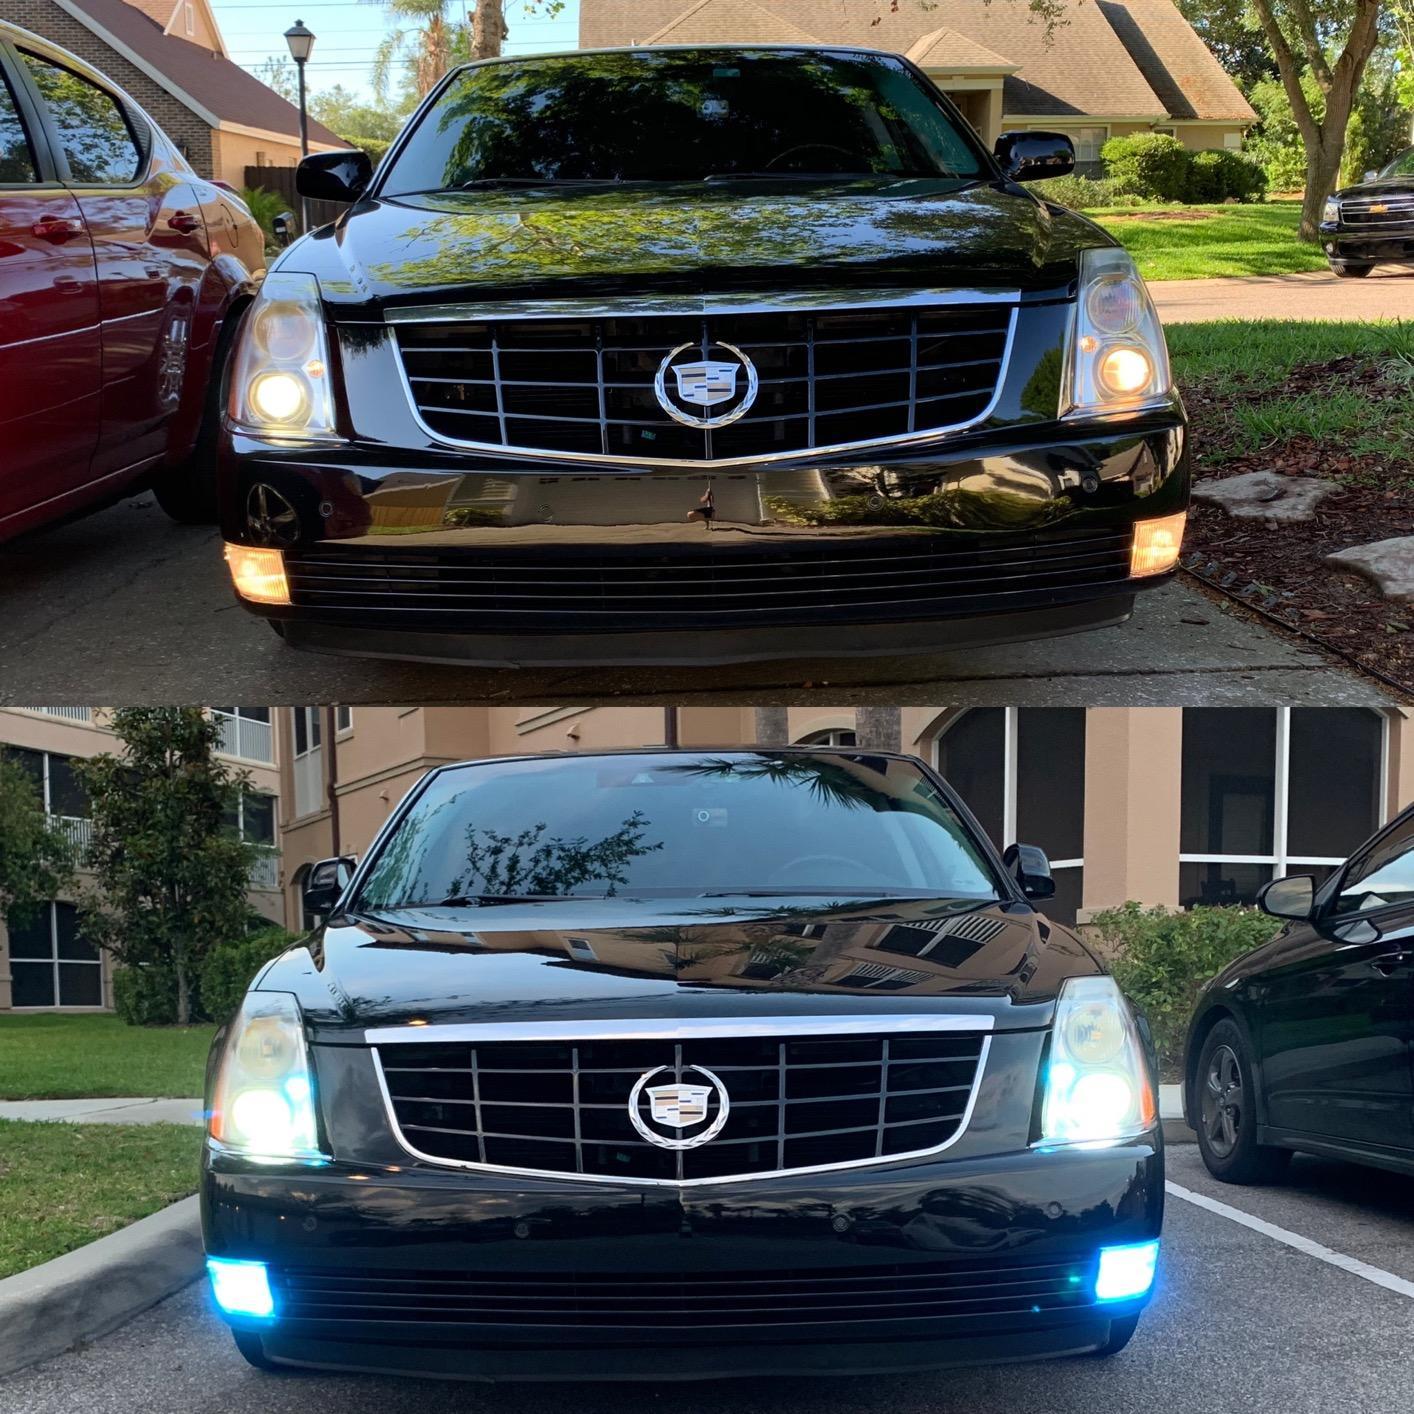 PG13-886-880-led-bulb-fog-lights-899-8k-ice-blue-vs-halogen-lamp